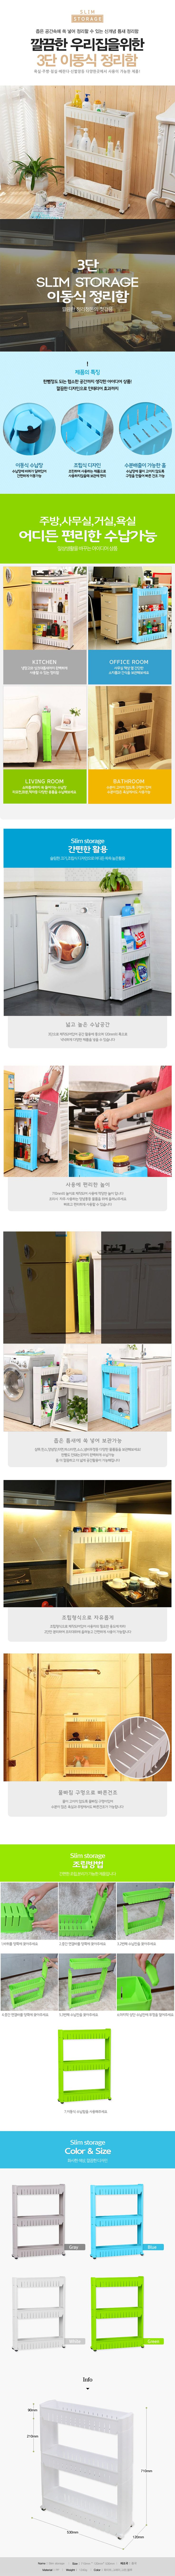 텐바이텐 10X10 : 주방 욕실 세탁실 사무실 3단 이동식 슬림 수납장